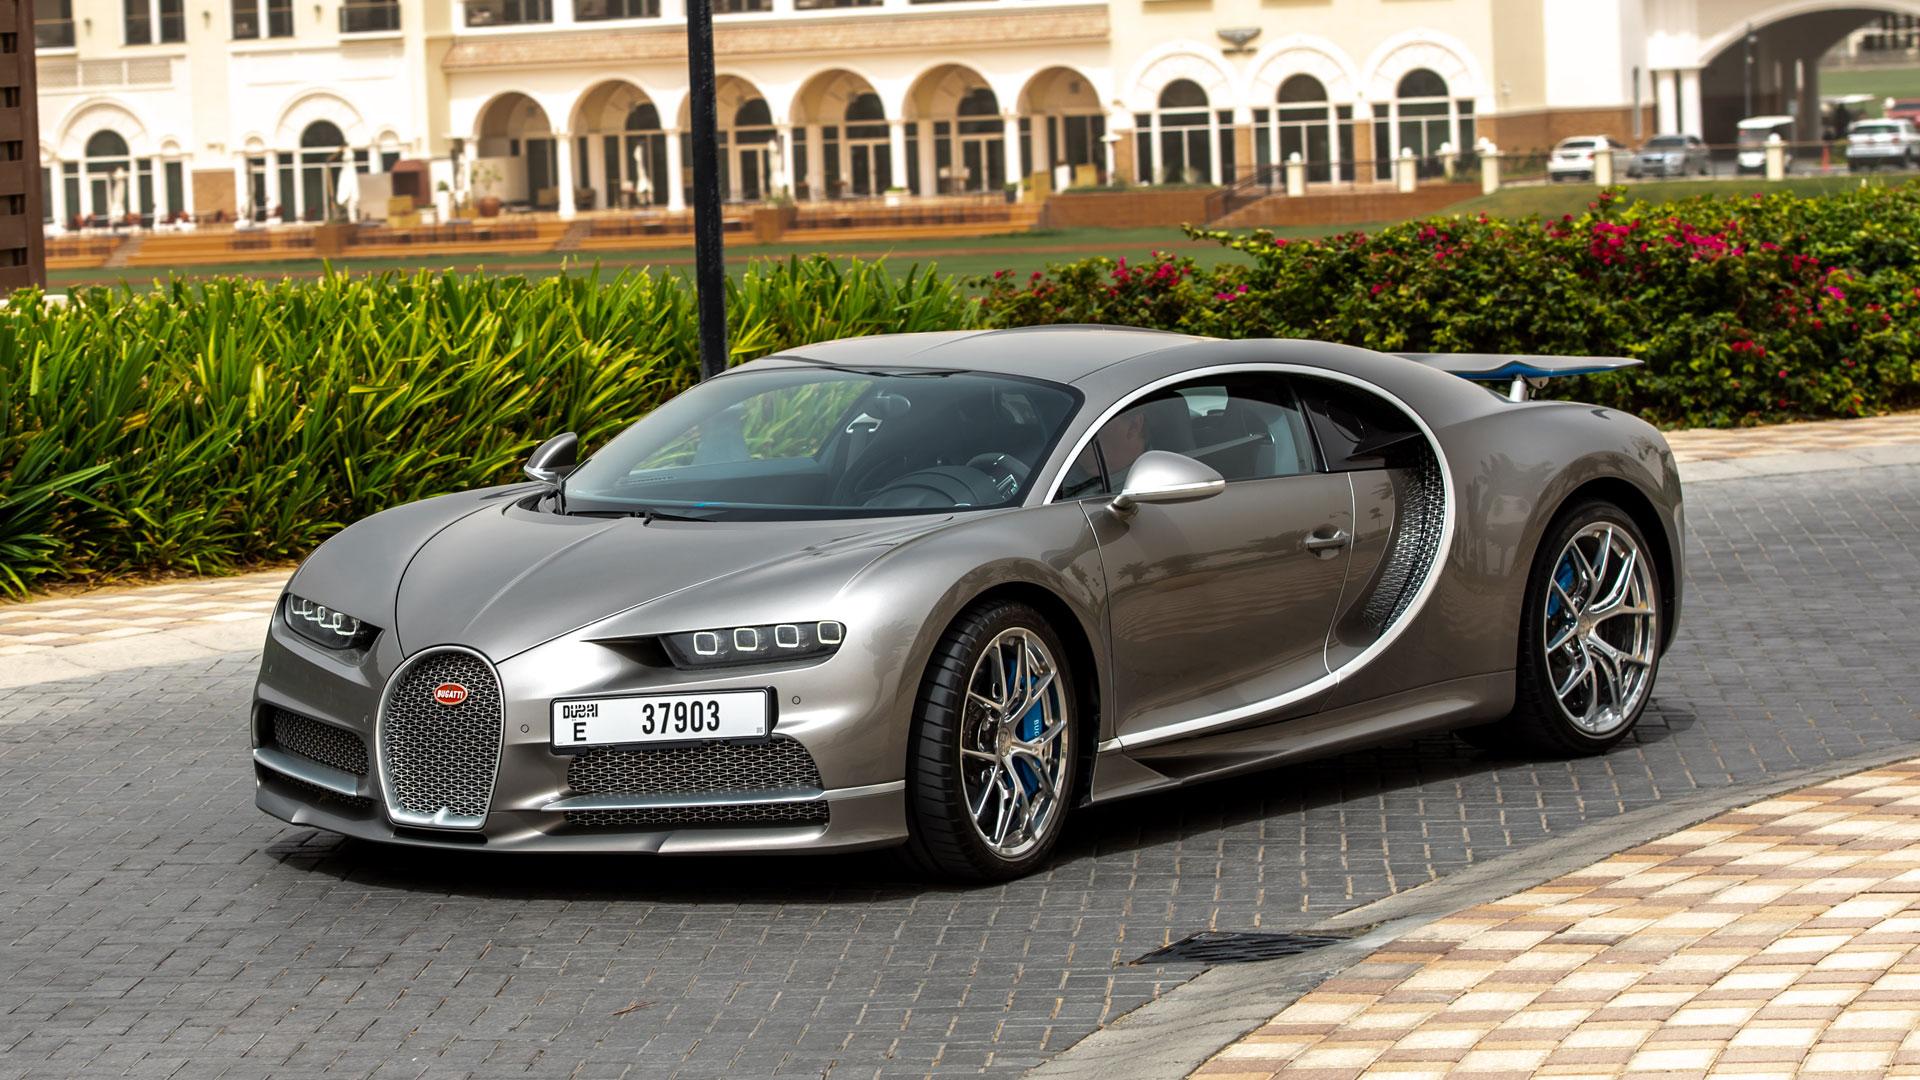 Bugatti Chiron - greatest cars of the decade